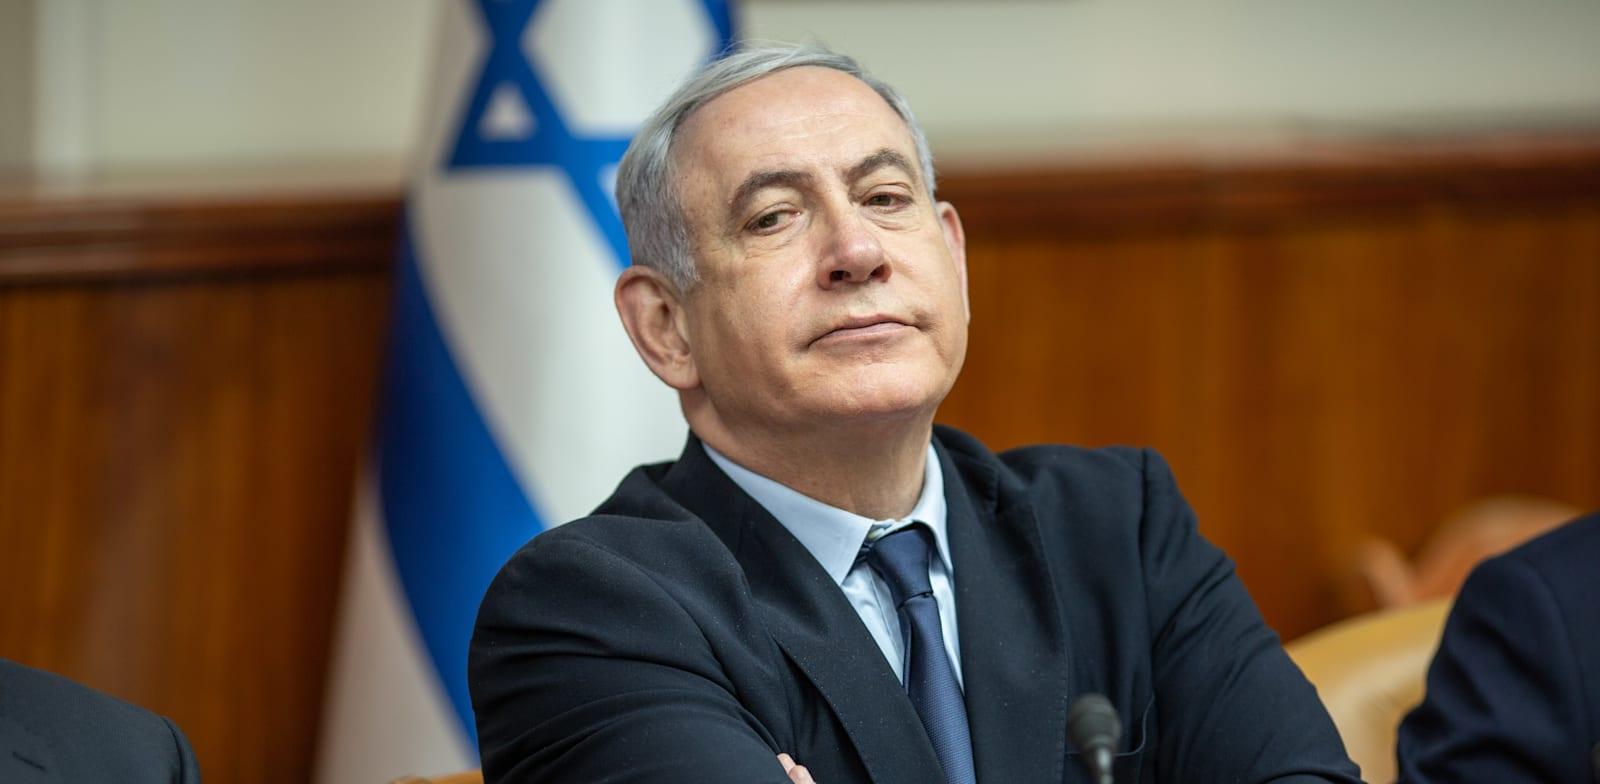 ראש הממשלה בנימין נתניהו / צילום: אמיל סלמן-הארץ